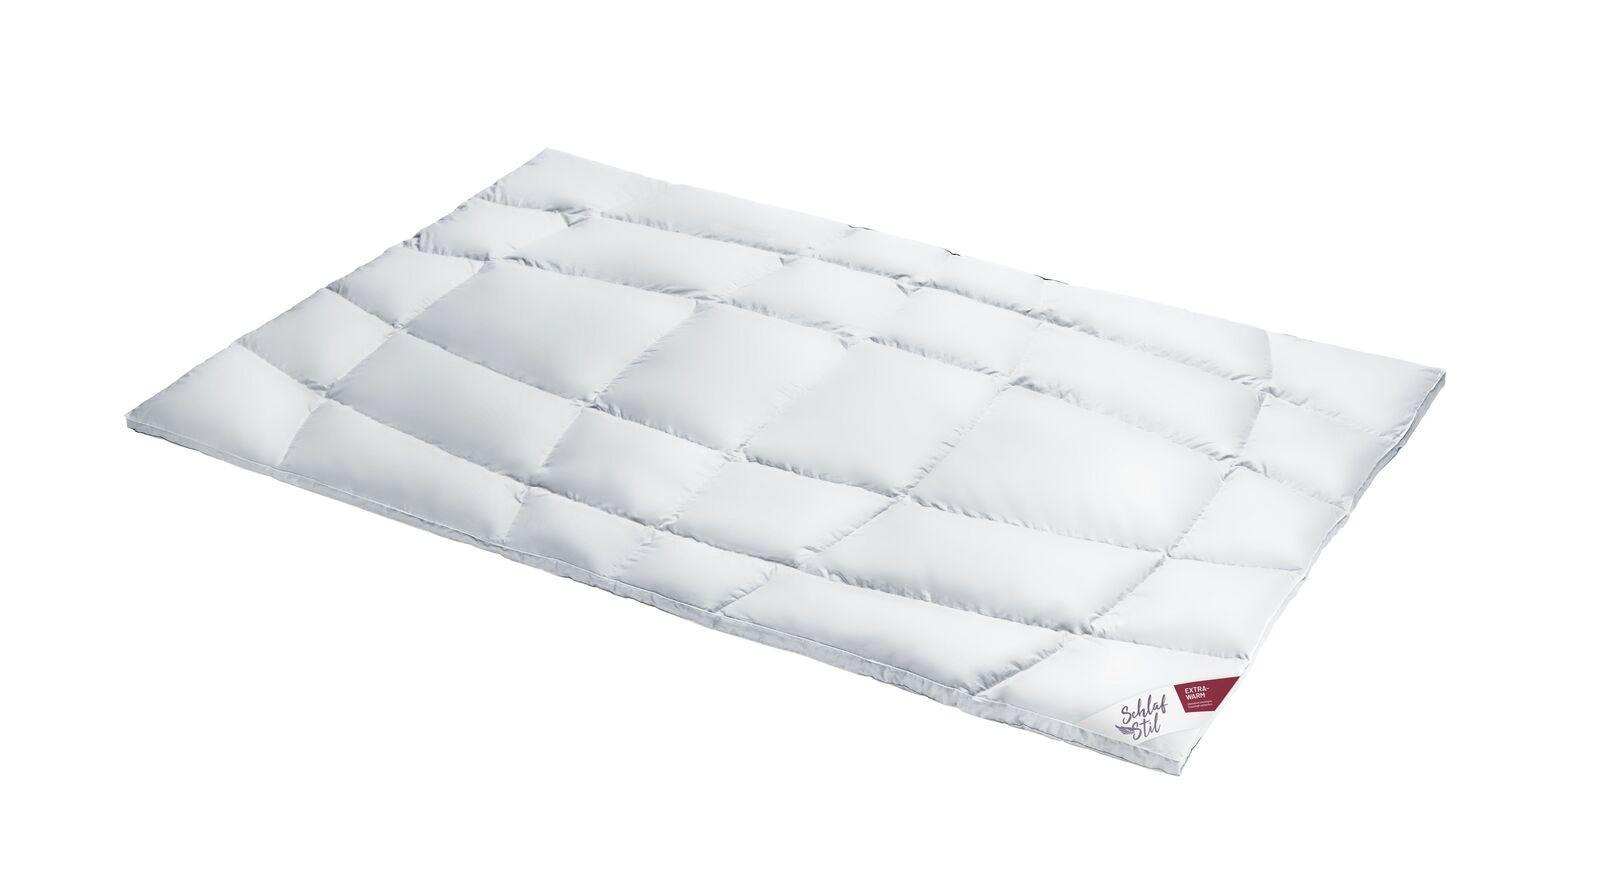 SCHLAFSTIL Eiderdaunen-Bettdecke D1000 extra warm voluminös und leicht